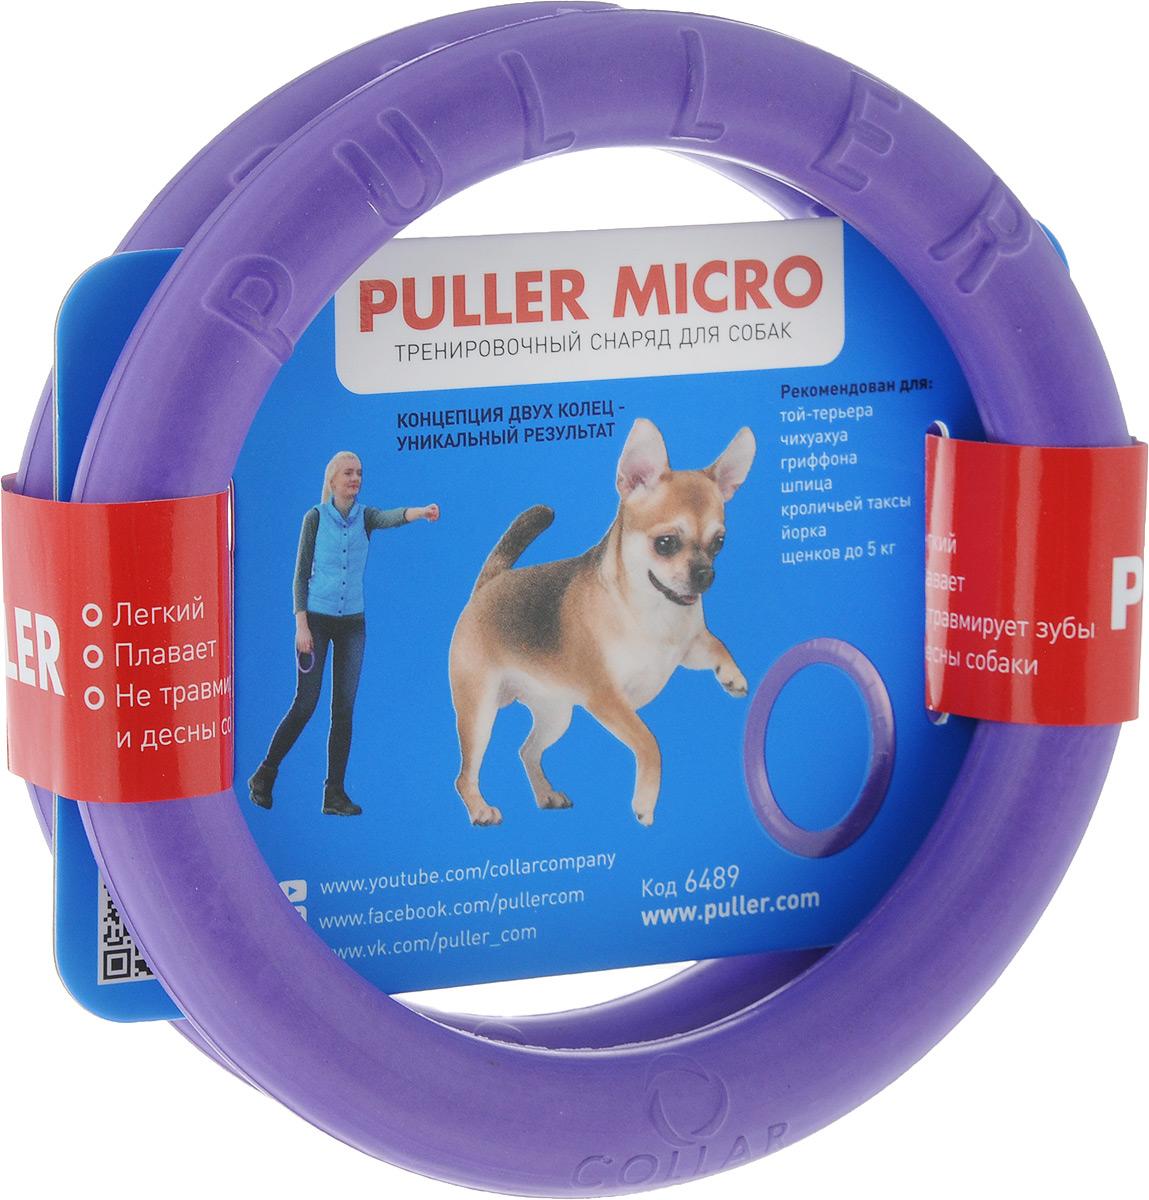 Фото - Снаряд тренировочный Puller Micro, для собак, диаметр 13 см игрушка collar puller maxi тренировочный снаряд диаметр 30см для собак средних и крупных пород 6492